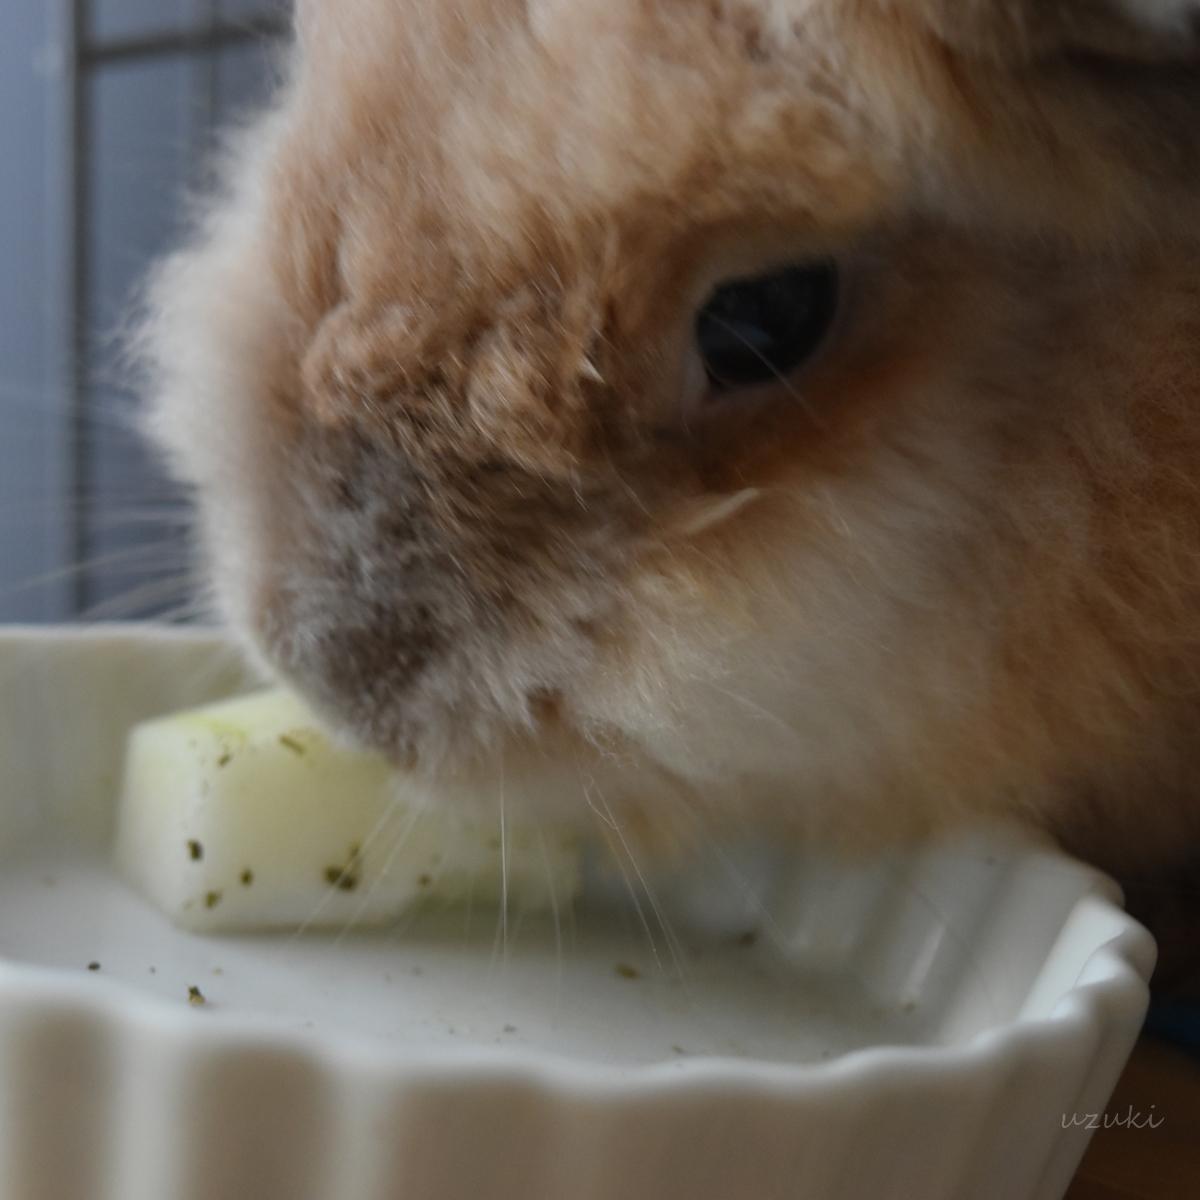 冬瓜を食べるうさぎのアップ